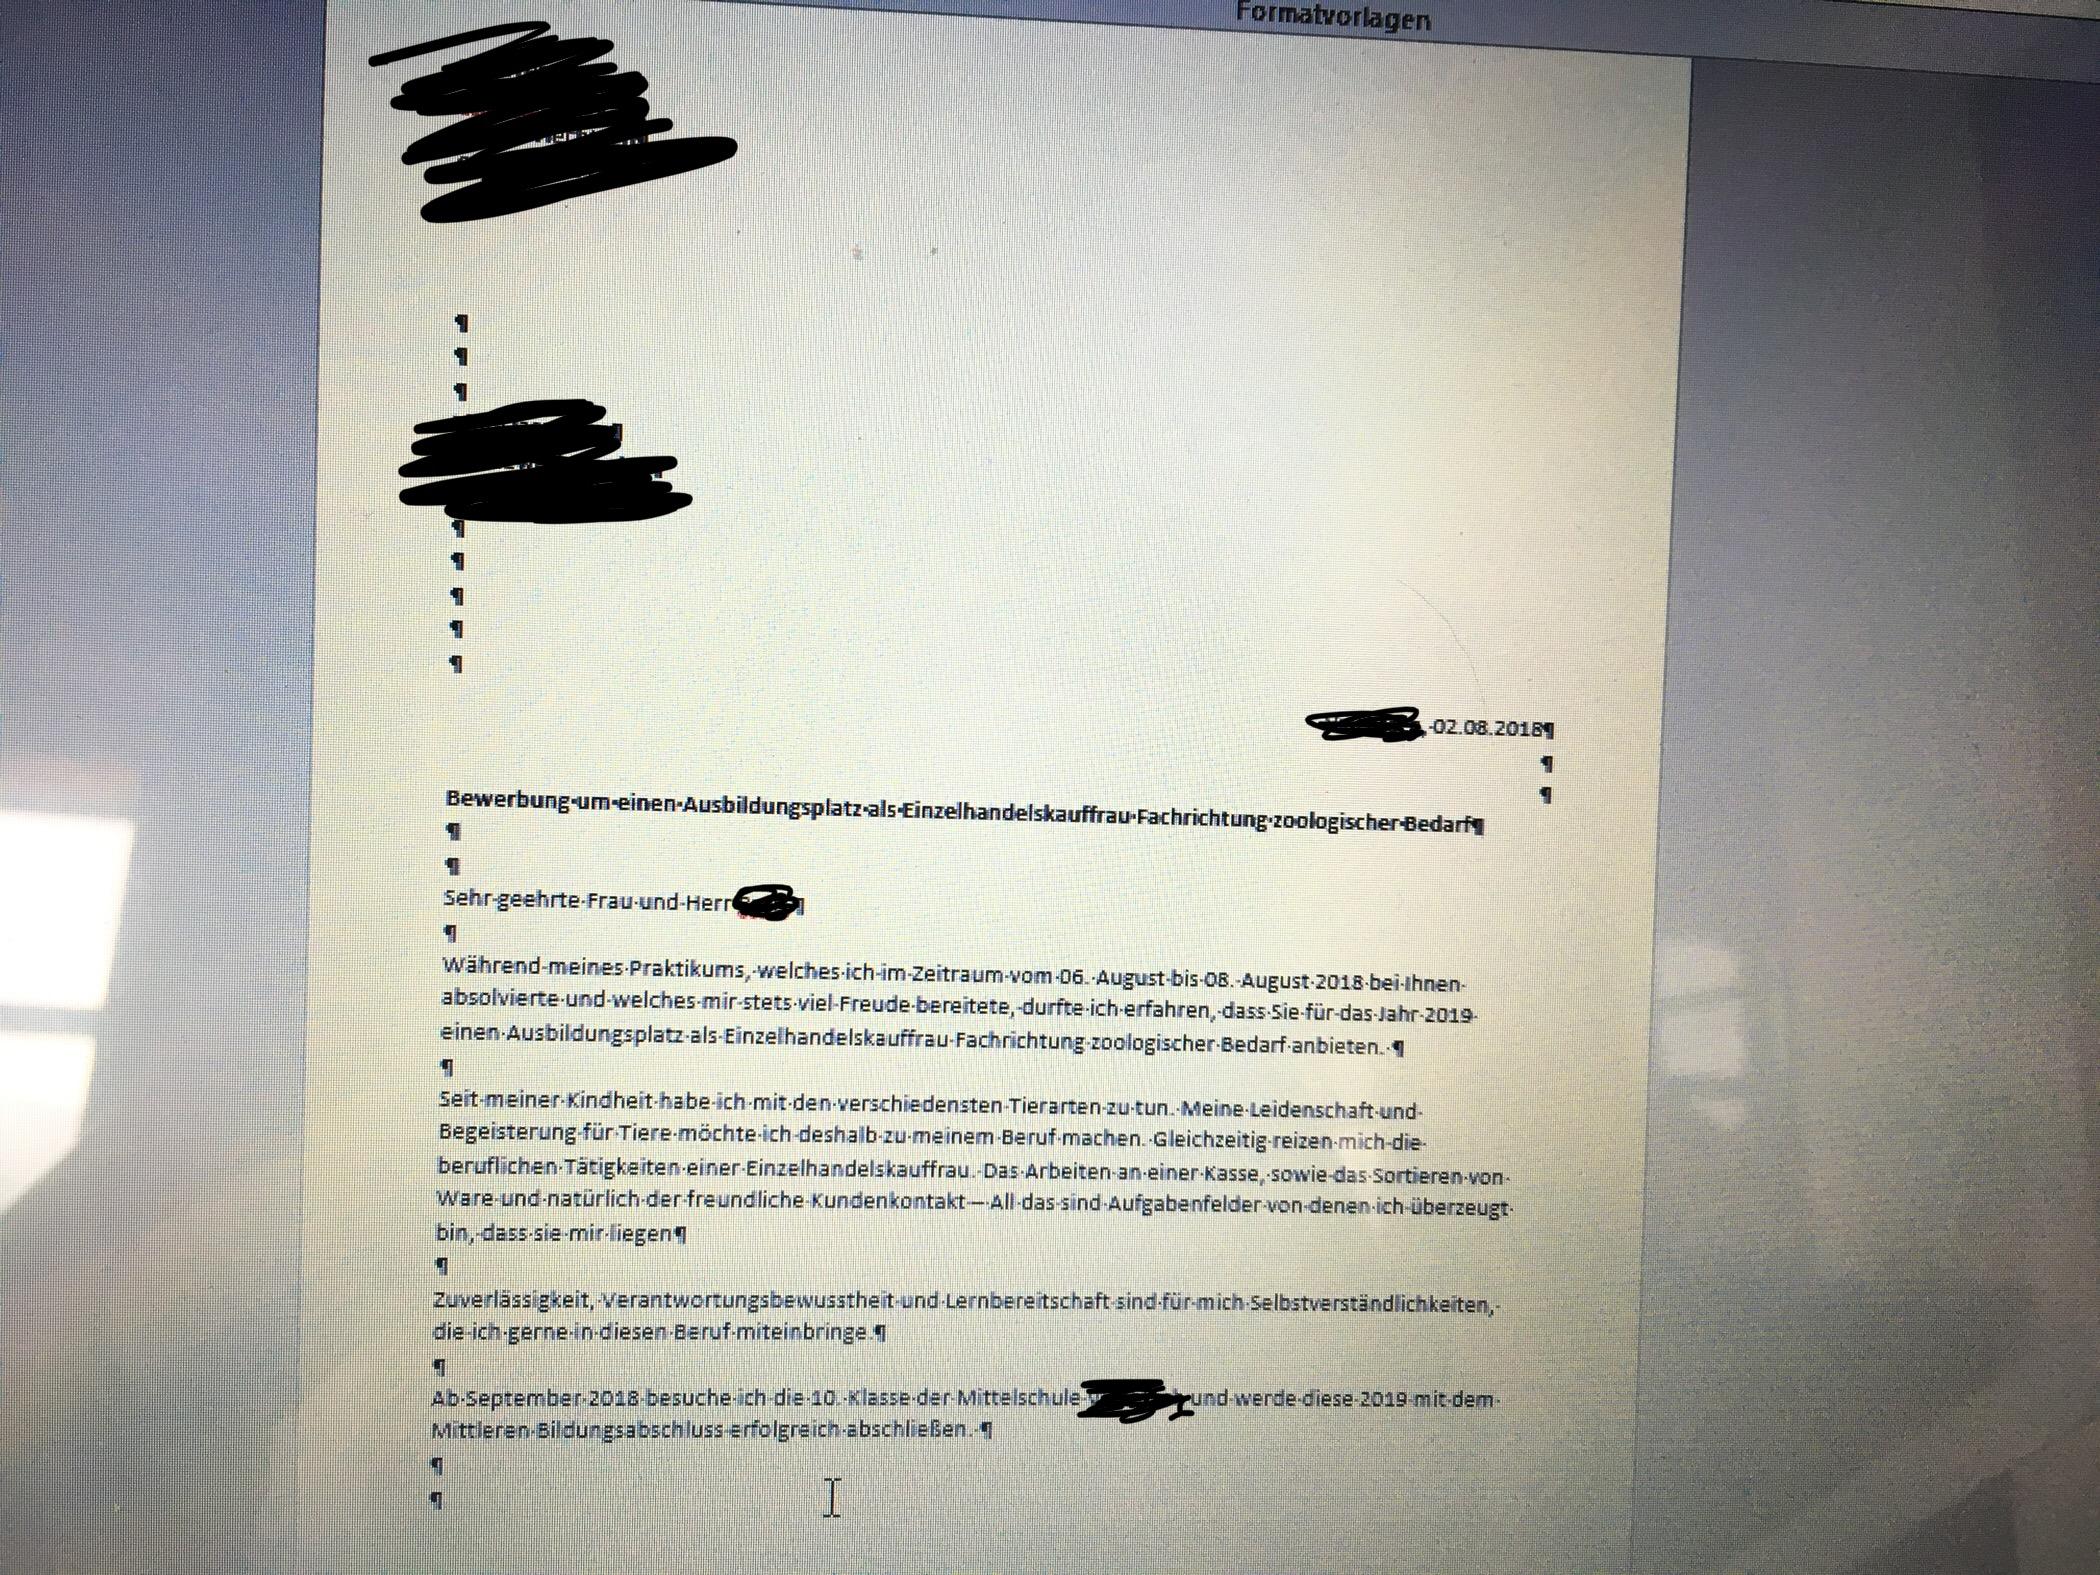 Bewerbungsanschreiben Verbesserungsvorschläge bitte? (Beruf, Tiere,  Bewerbung)